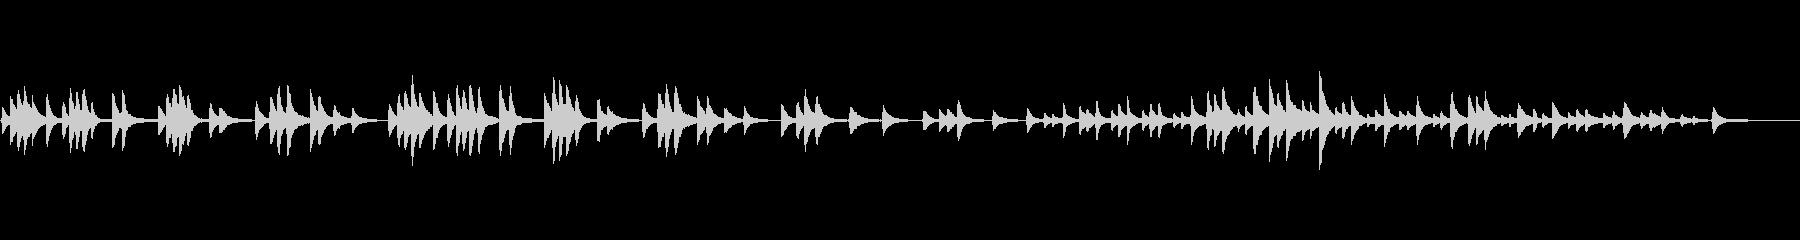 チャイコフスキーのピアノソロ「教会」の未再生の波形